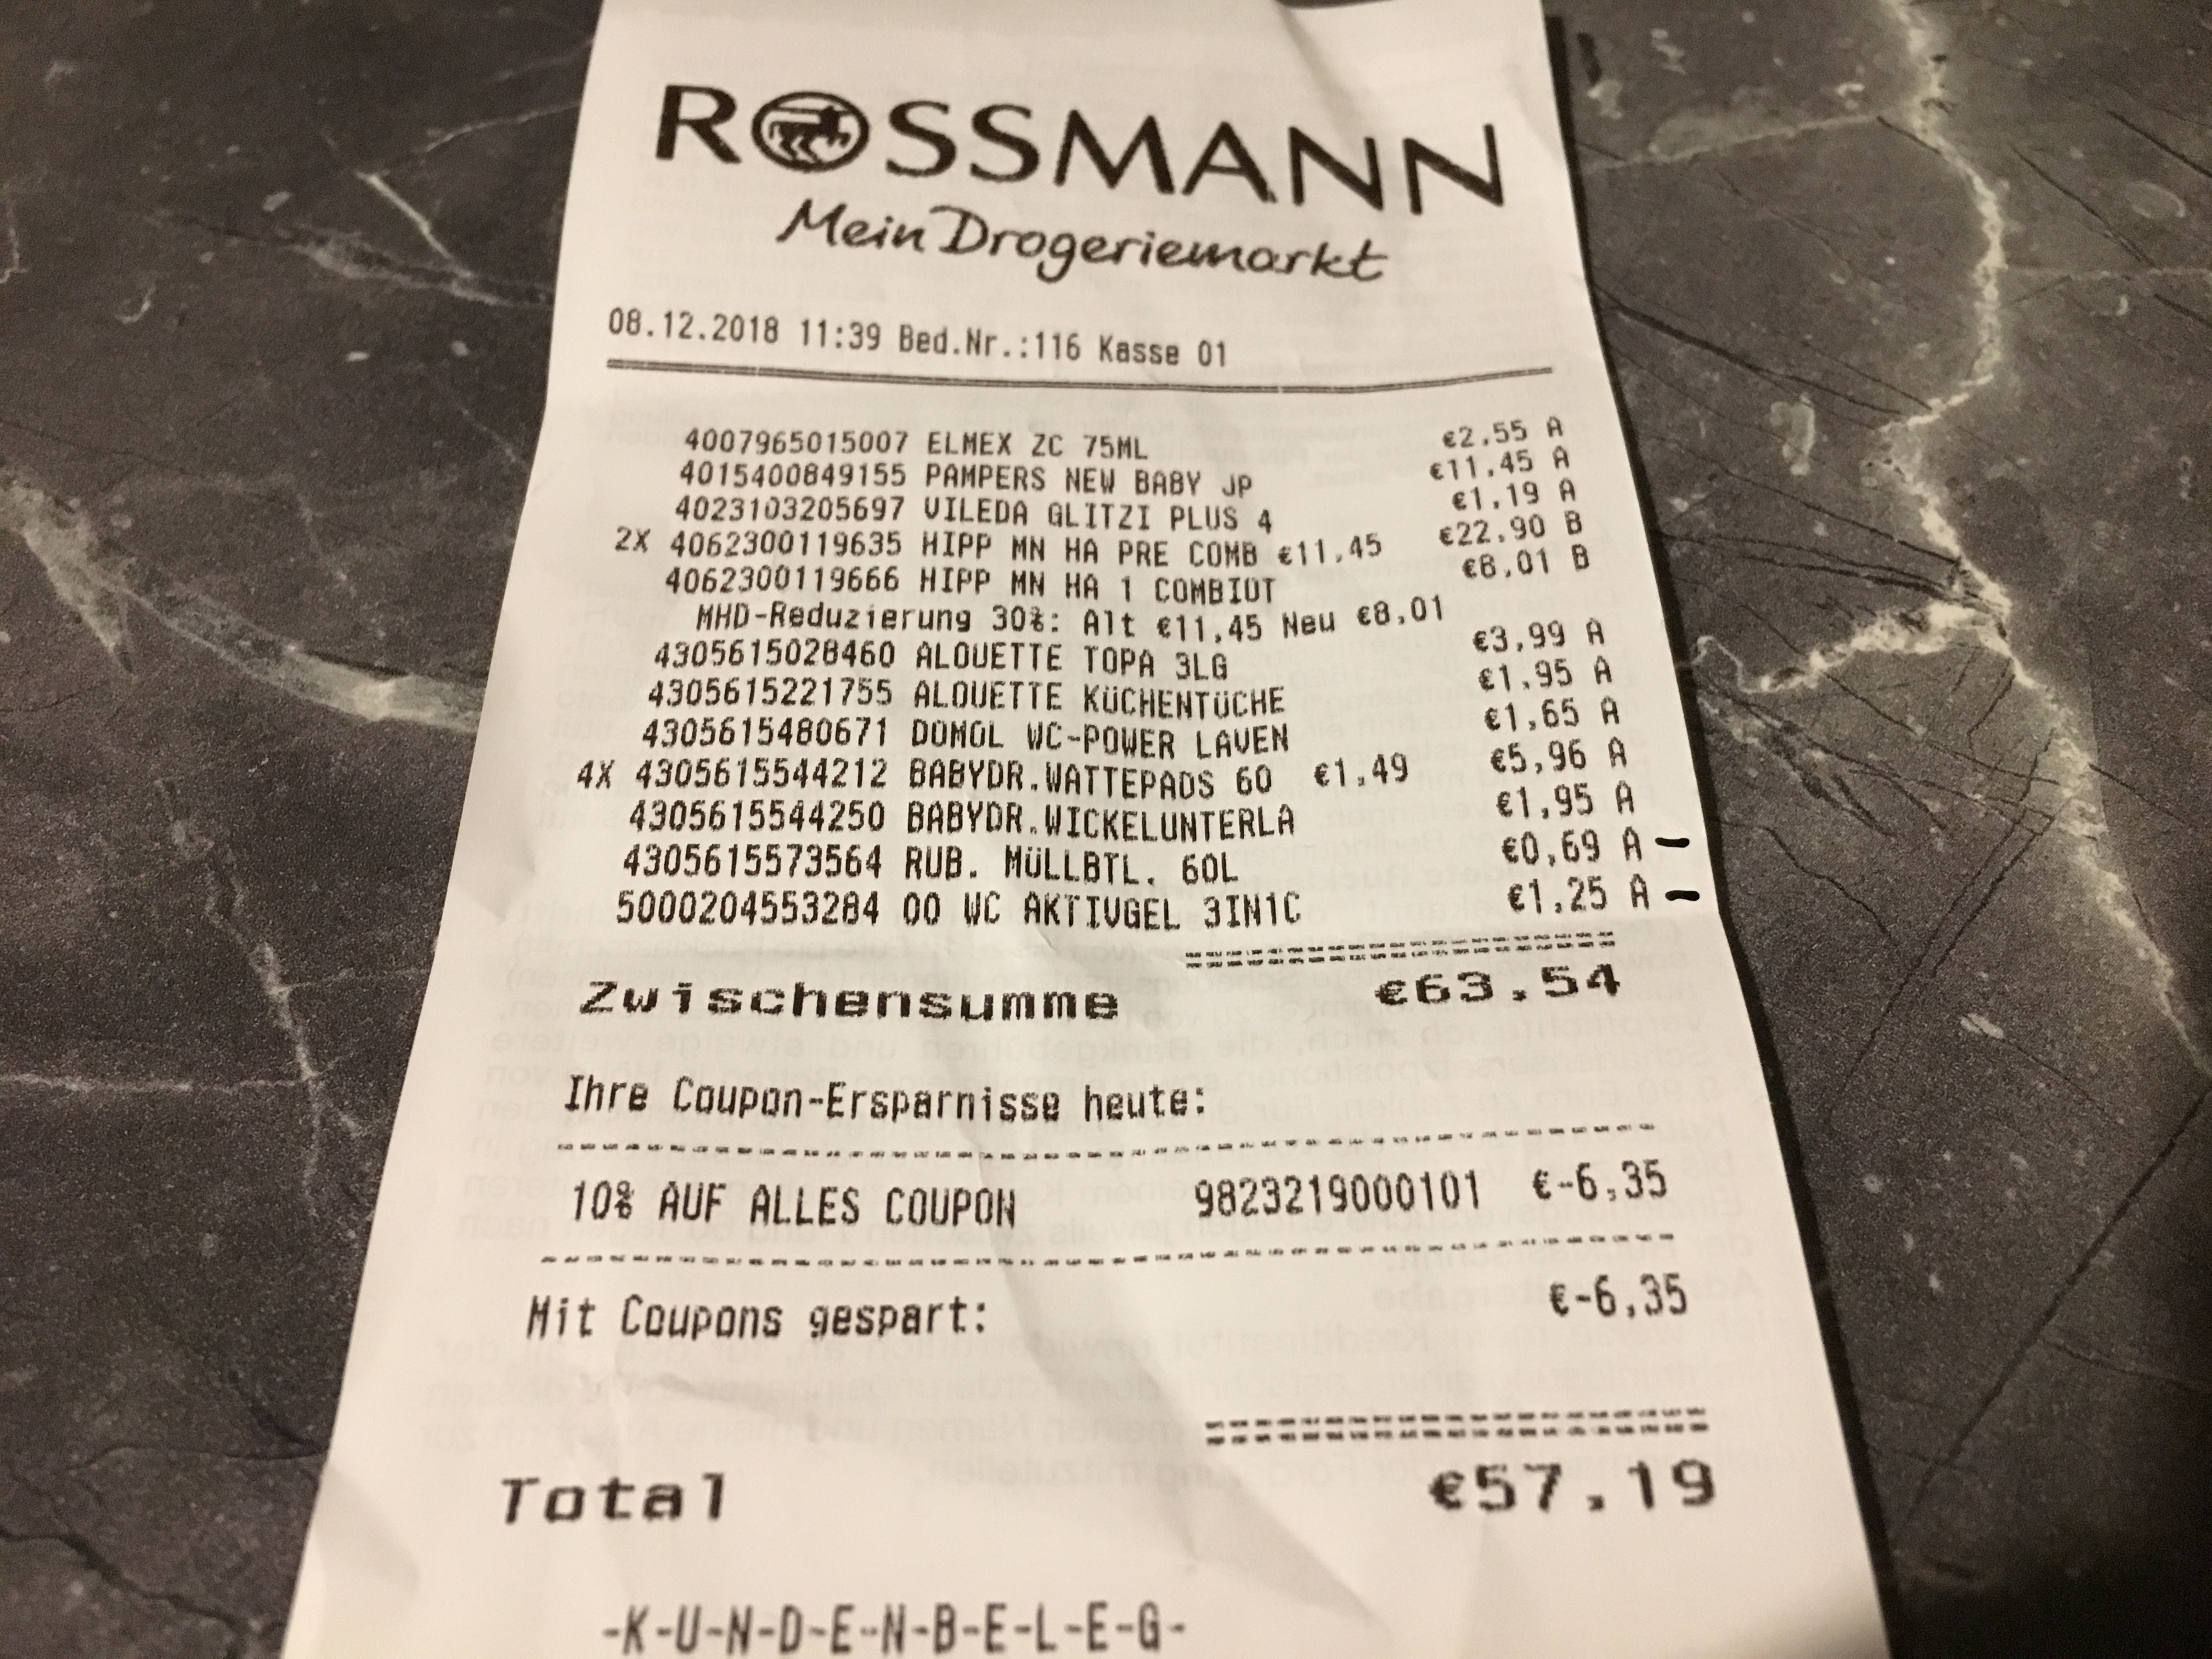 Rossmann niemiecki paragon